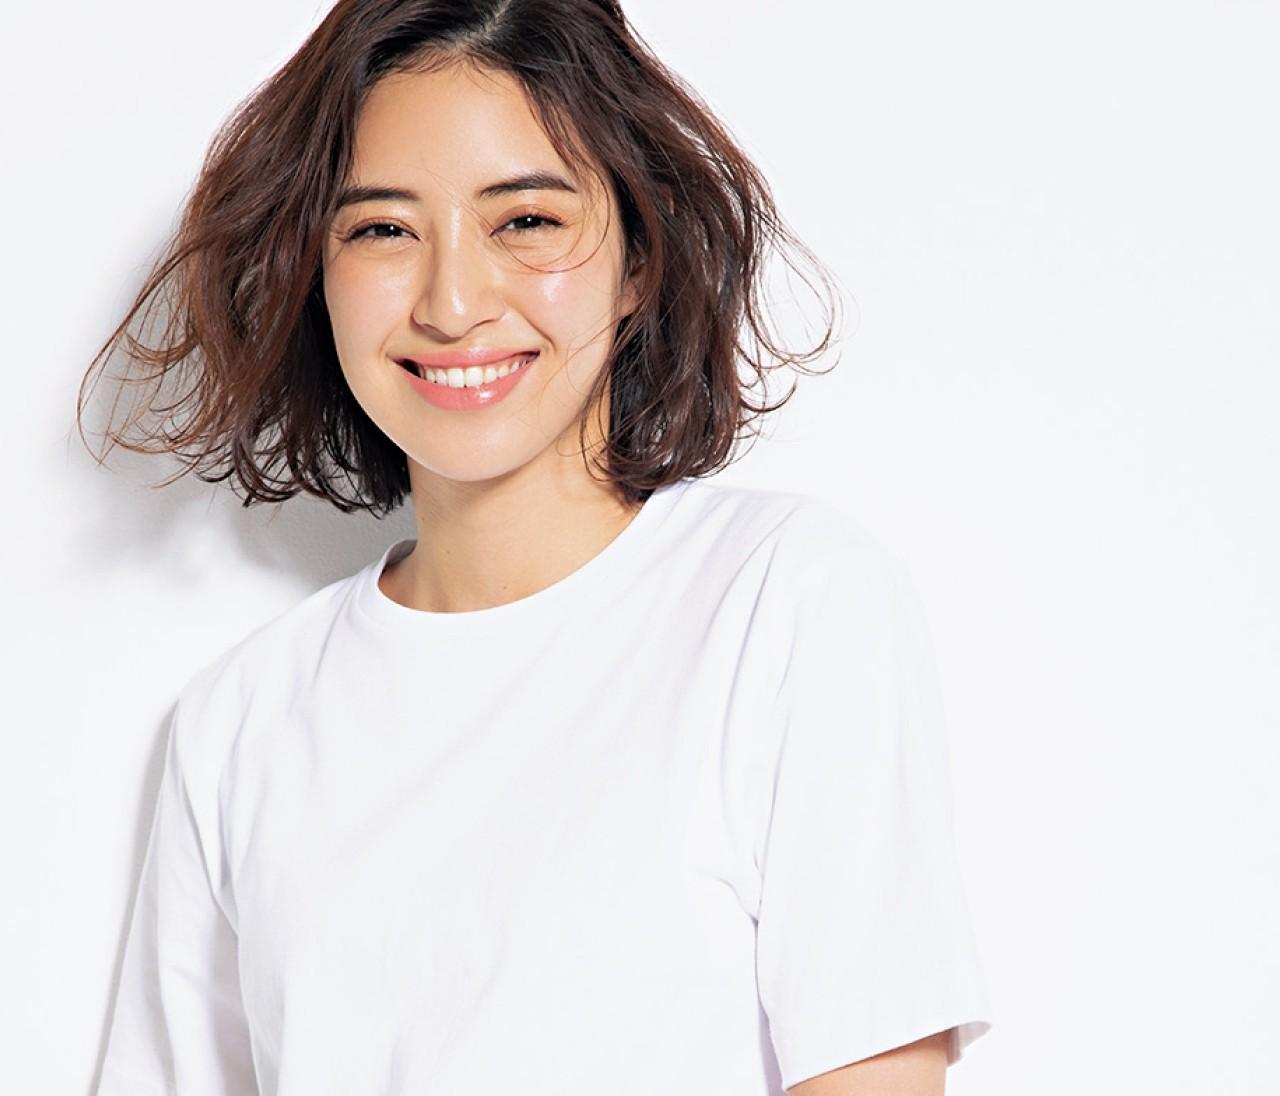 【骨格別おすすめTシャツ】定番の「白Tシャツ」は、形次第であか抜ける!